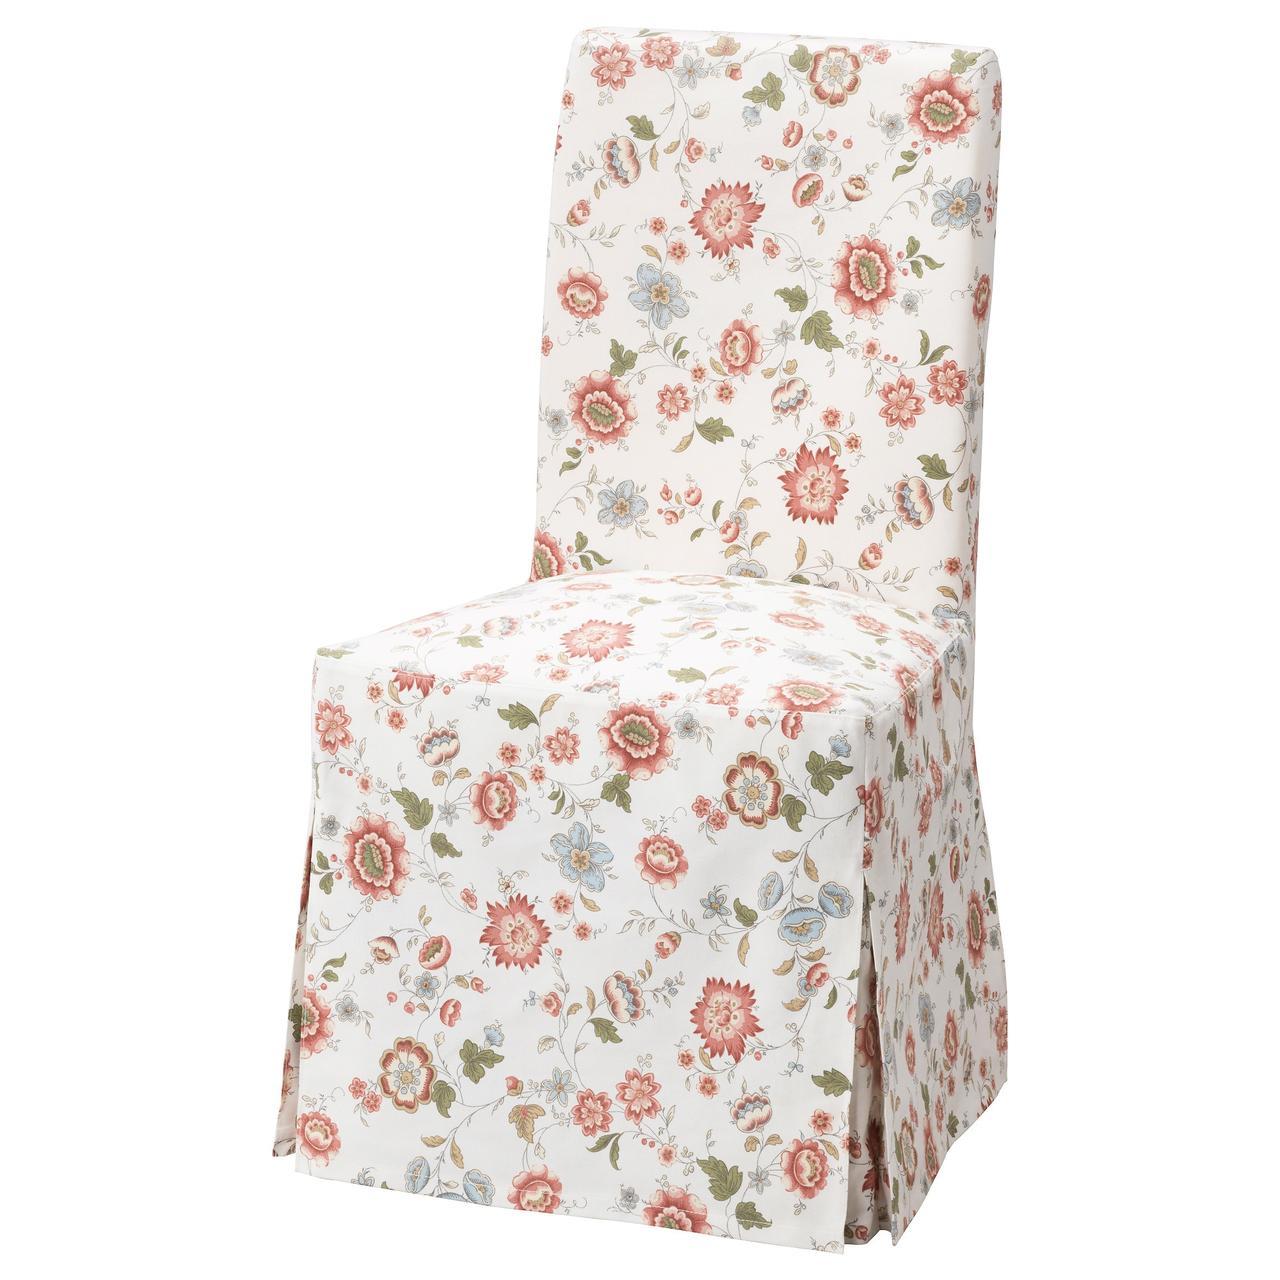 Кресло кухонное IKEA HENRIKSDAL Videslund береза разноцветное 092.463.66